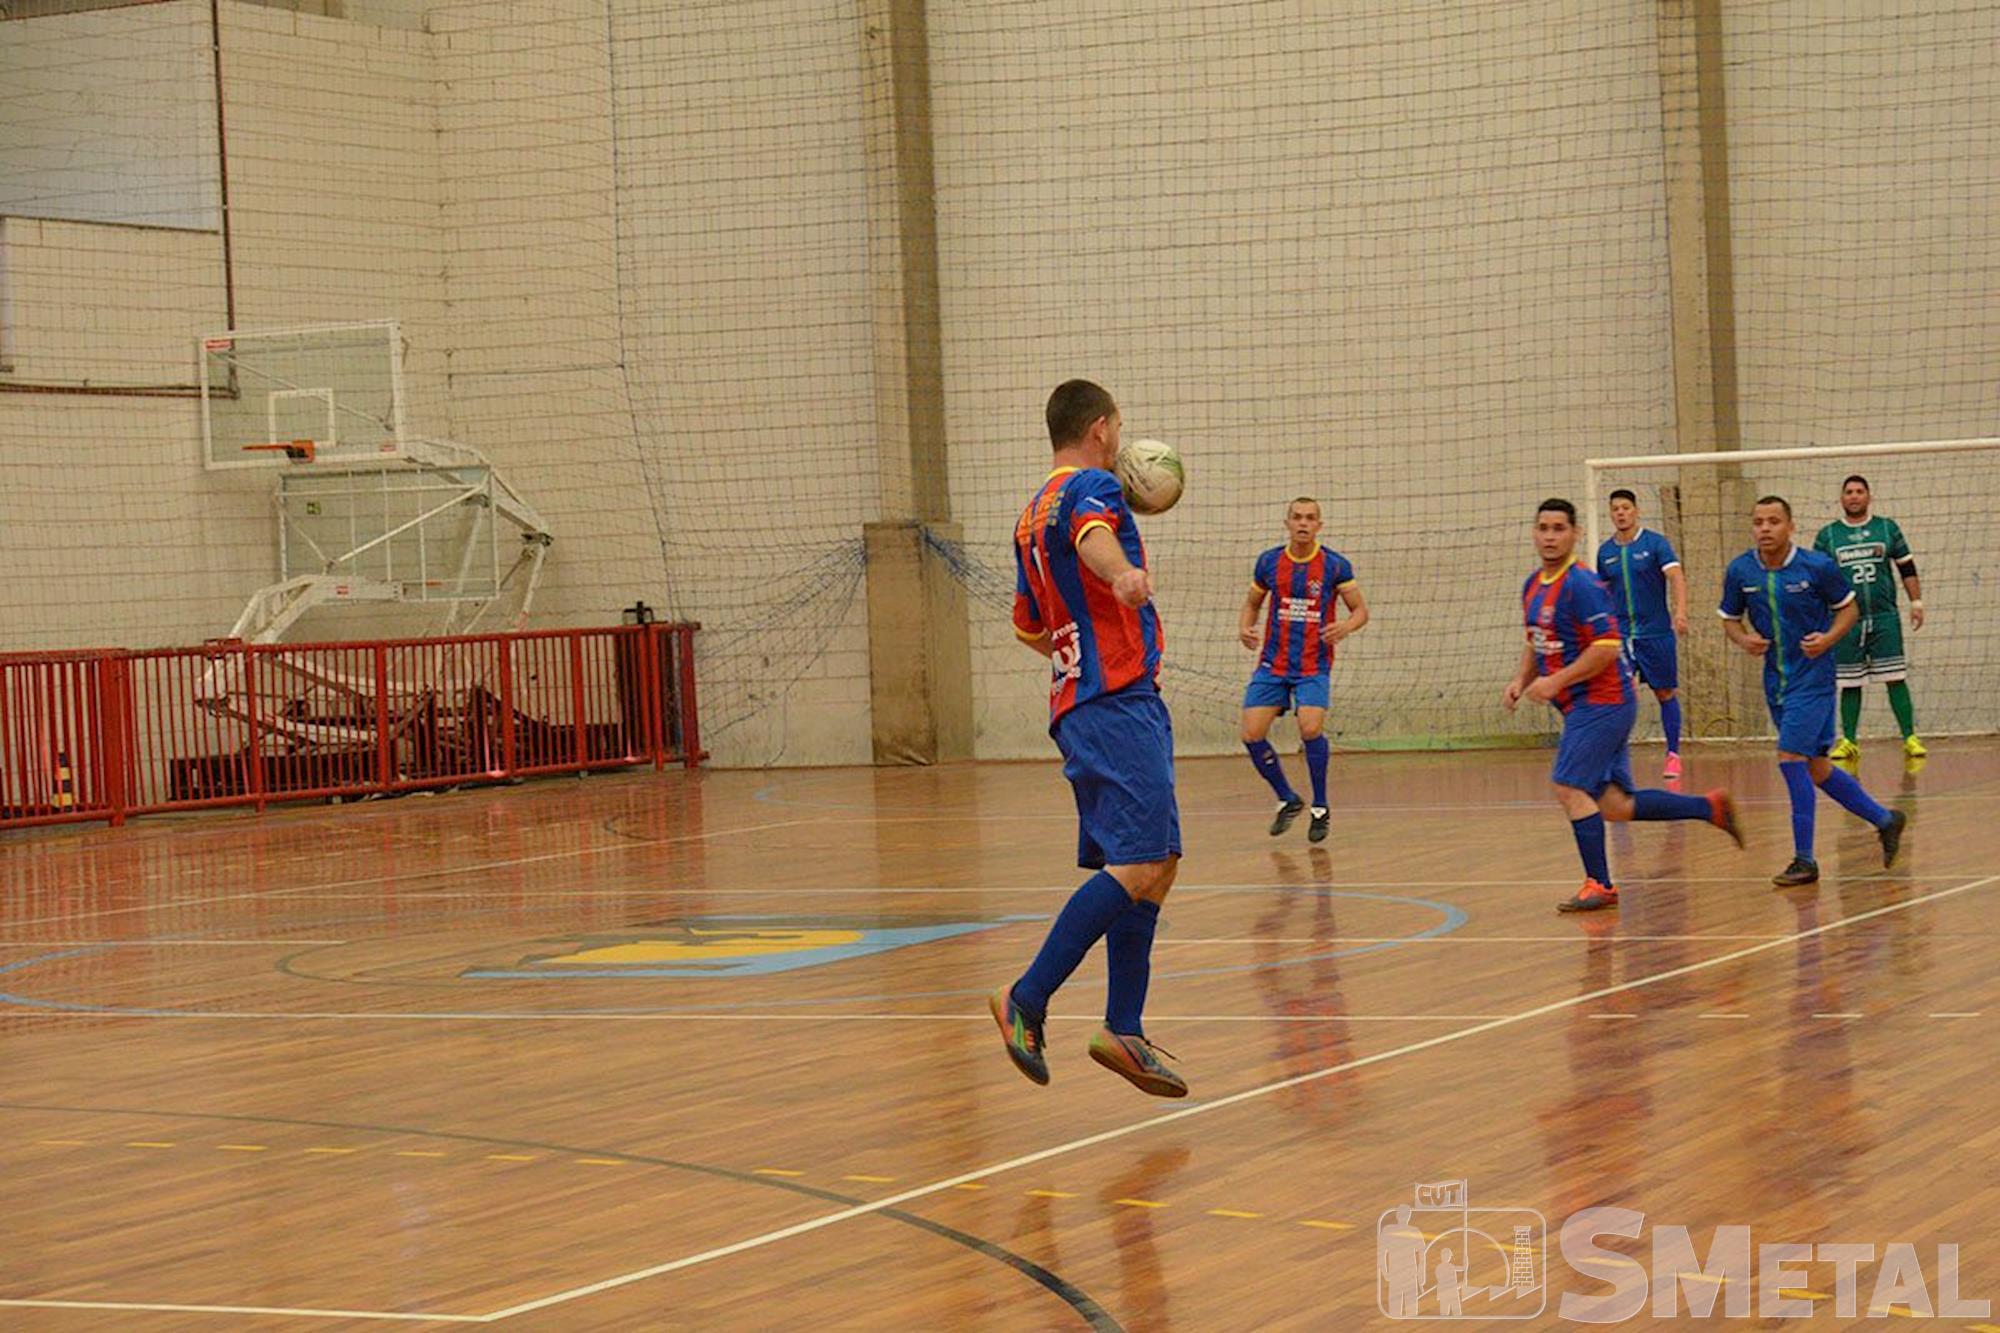 papagaio,  futsal, Foguinho/Imprensa SMetal, Semifinal da 13ª Taça Papagaio de Futsal do SMetal